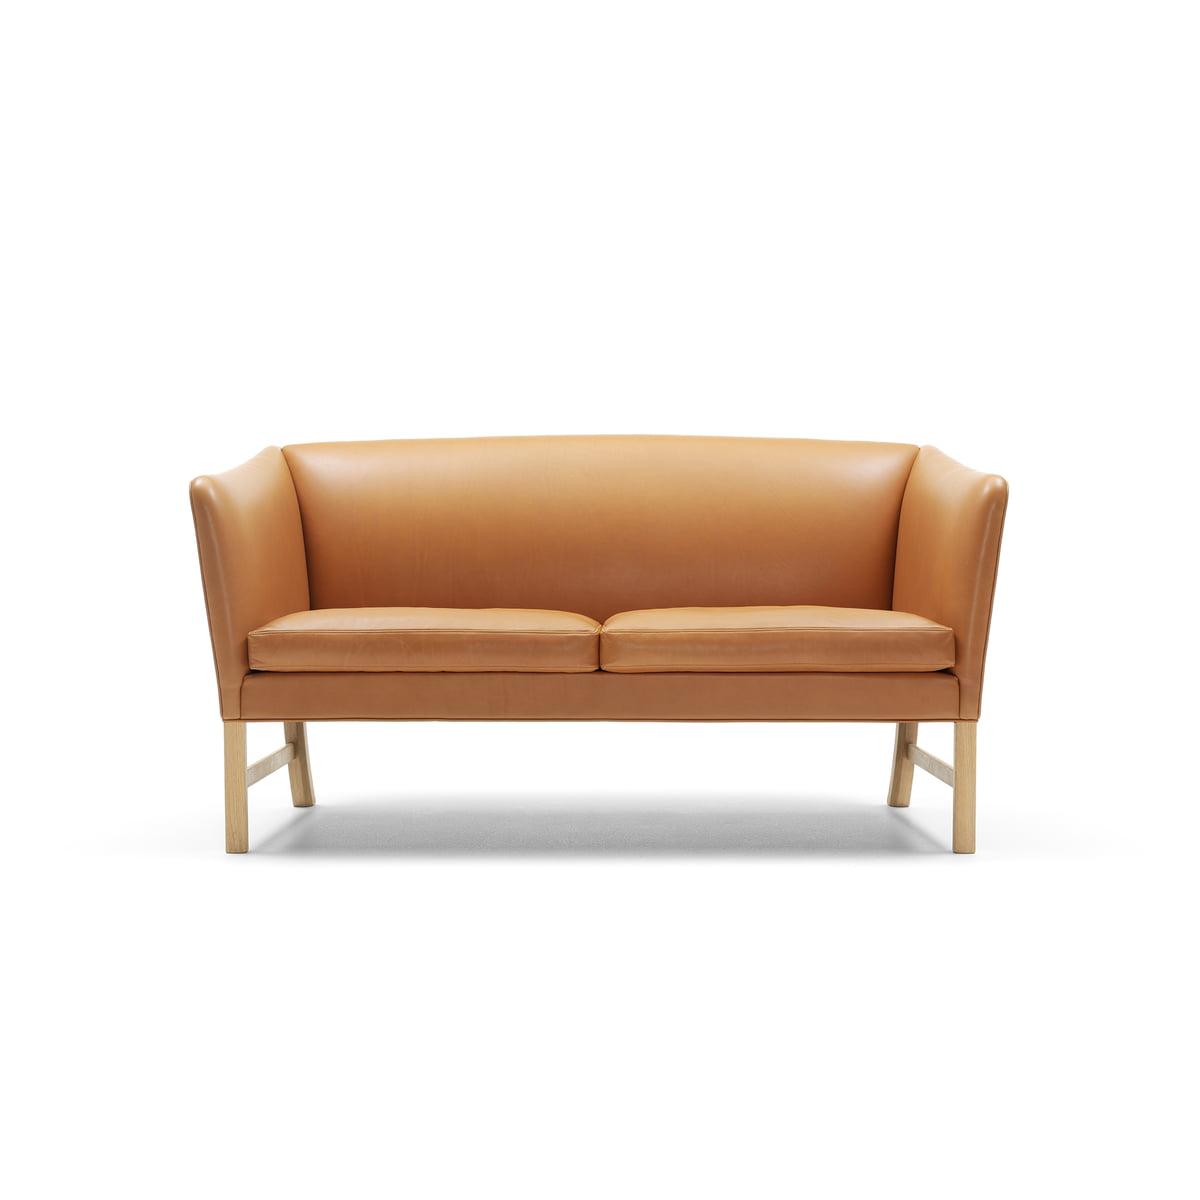 Ow602 Sofa 2 Sitzer Von Carl Hansen Im Shop